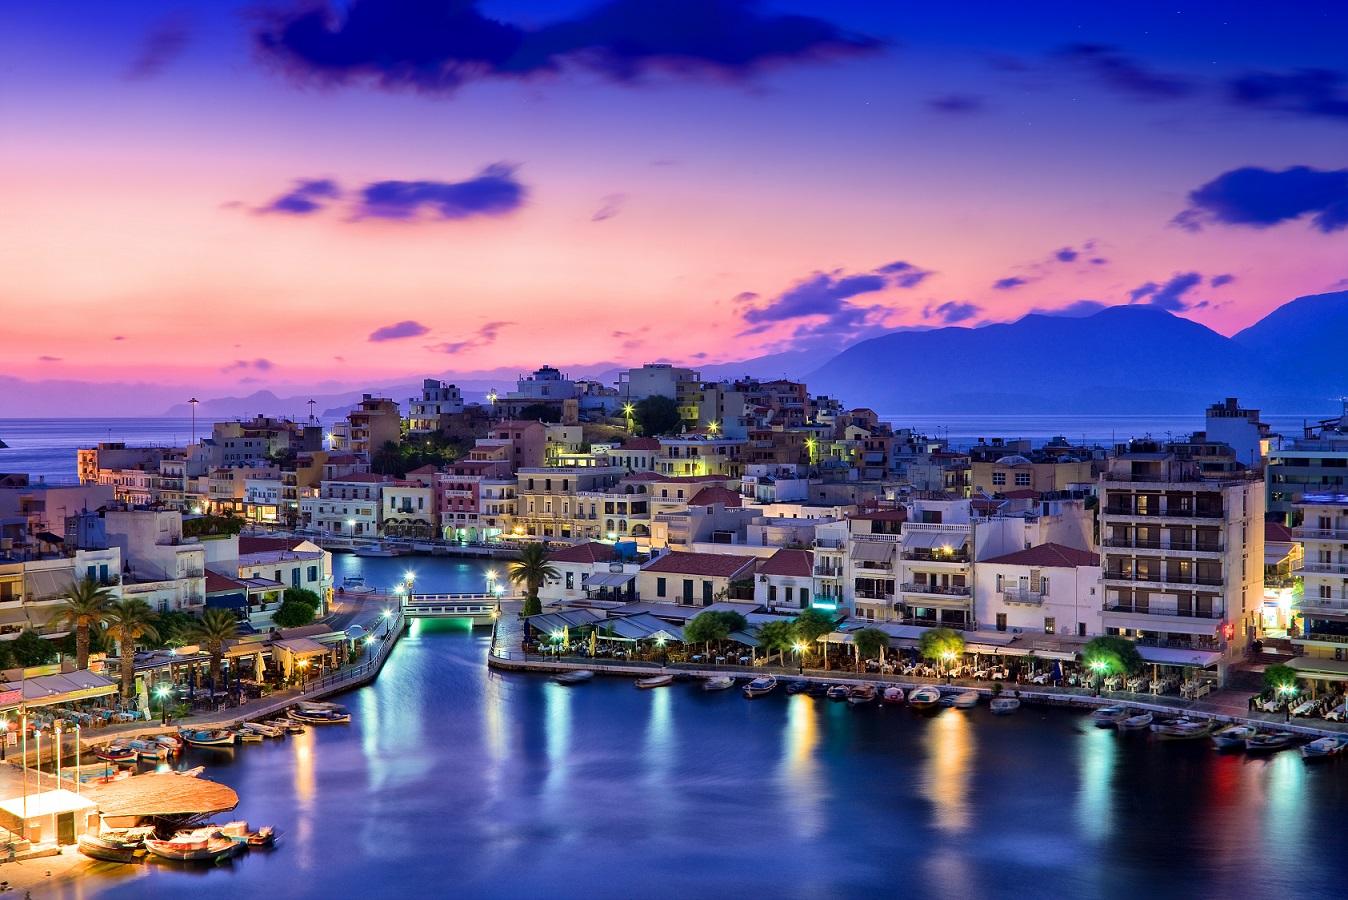 Почивка на остров Крит, Гърция 2021 - 7 нощувки в Ретимно РАННИ ЗАПИСВАНИЯ